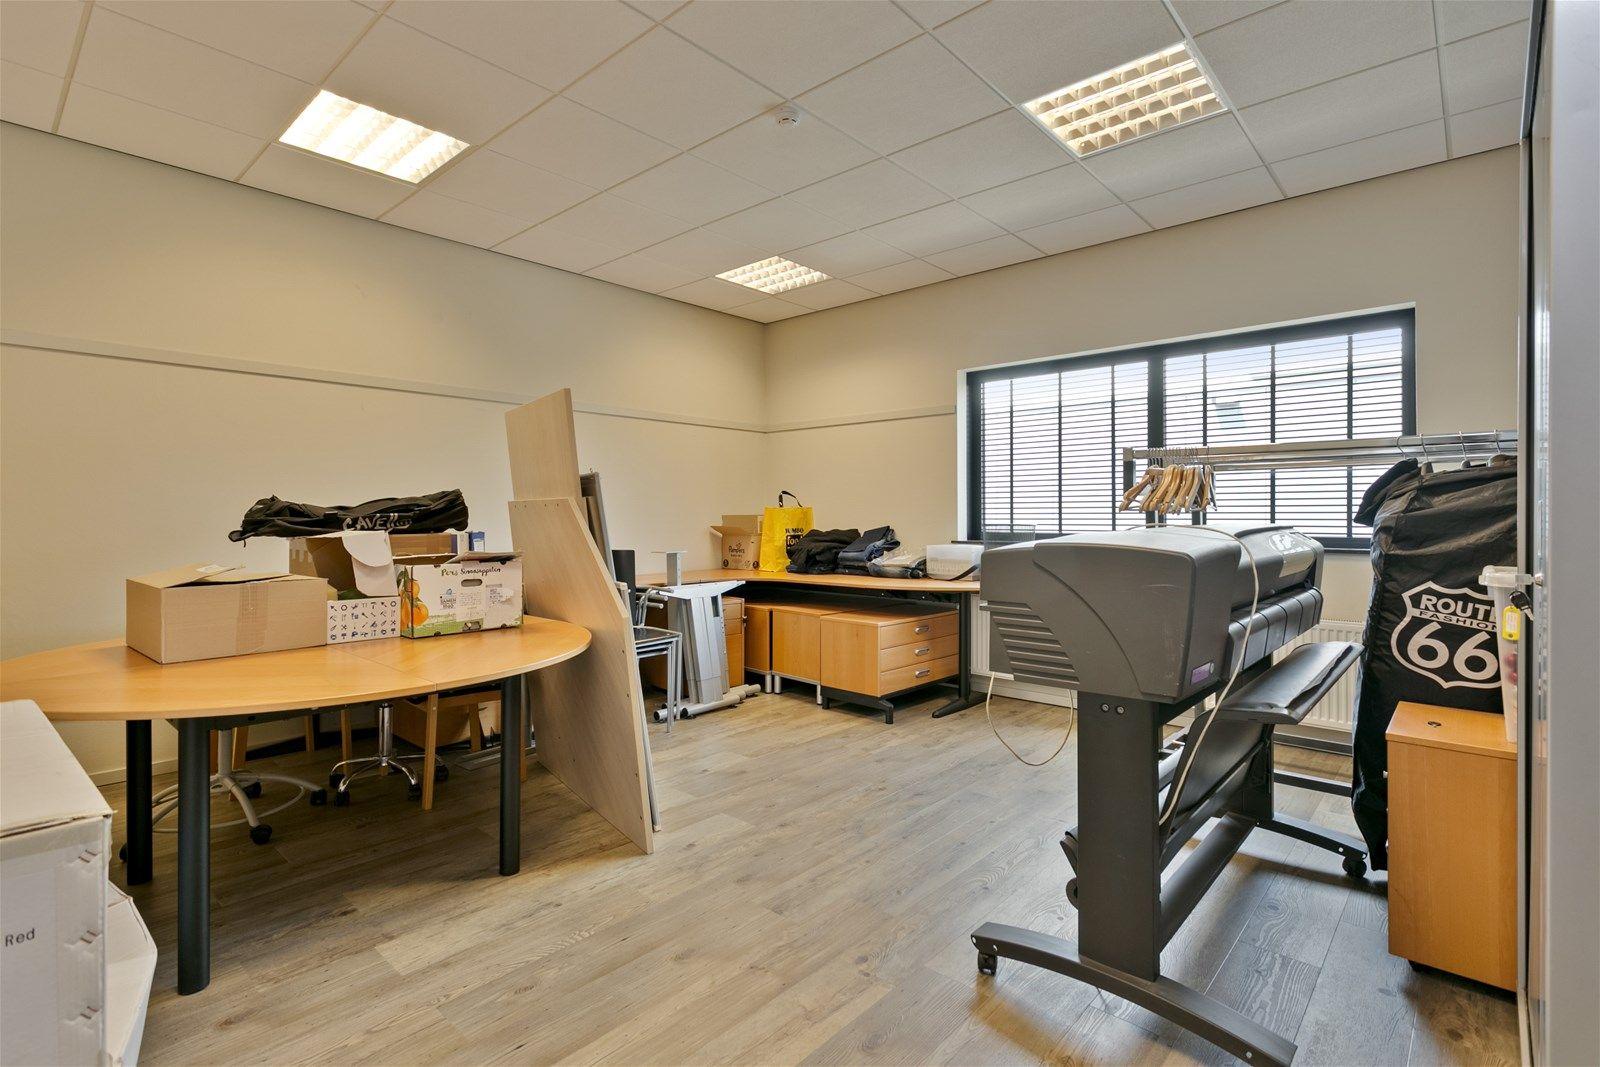 Dit bedrijfspand met verdieping is heeft een uitstekende locatie op bedrijventerrein Attelaken te Etten-Leur. Het pand is geschikt voor verschillende doeleinden mede door de combinatie van een kantoorgedeelte met een bedrijfshal. De ligging van het bedrijfspand is ideaal; goed bereikbaar, eigen parkeerplaatsen en een goede ontsluiting. Het pand heeft een kantoorgedeelte met diverse kantoorruimtes aan de voorzijde. Aan de achterzijde van het pand bevindt zich een opslagruimte met sectionaal deur.  LIGGING Bedrijventerrein Attelaken is een kleinschalig bedrijventerrein in gemeente Etten-Leur. Het terrein is cen-traal gelegen tussen de steden Breda en Roosendaal en op korte afstand gelegen van de Rijksweg A58 (Breda- Roosendaal) welke binnen 5 autominuten aansluiting biedt op de A16 (Rotterdam-Antwerpen).  BOUWAARD De voorzijde alwaar zich de kantoorruimtes bevinden is opgetrokken met baksteen (spouw). De kozijnen zijn van kunststof en zijn voorzien van dubbele beglazing. De loods aan de achterzijde is opgetrokken in damwand en voorzien van een overheaddeur.  INDELING • Kantoorgedeelte, met op begane grond een entree met toegang tot een tweetal kantoorruimtes waar-van er 1 voorzien met een pantry, toiletten en toegang tot de bedrijfshal. • Op de 1e verdieping bevinden zich een drietal kantoorruimtes. • Een loods aan de achterzijde met overheaddeur en loopdeur.  HUURPRIJS De huurprijs bedraagt €. 2.000,- per maand exclusief BTW.  SERVICEKOSTEN De servicekosten bedragen €. 100,- per maand exclusief BTW en bestaan uit- - onderhoud cv-ketel/heater - onderhoud overheaddeur - onderhoud brandhaspel - terreinonderhoud  BESTEMMINGSPLAN Het perceel is gelegen in het bestemmingsplan -Attelaken- van de gemeente Etten-Leur en heeft daarin de enkelbestemming -Bedrijventerrein-, de functieaanduiding -bedrijf tot en met categorie 3.1-, bouwvlak, en maatvoering -maximum bouwhoogte- 10 m-. Het bestemmingsplan is door de gemeenteraad vastgesteld op 11 juni 2013. Bron- www.ruimtelijkeplan